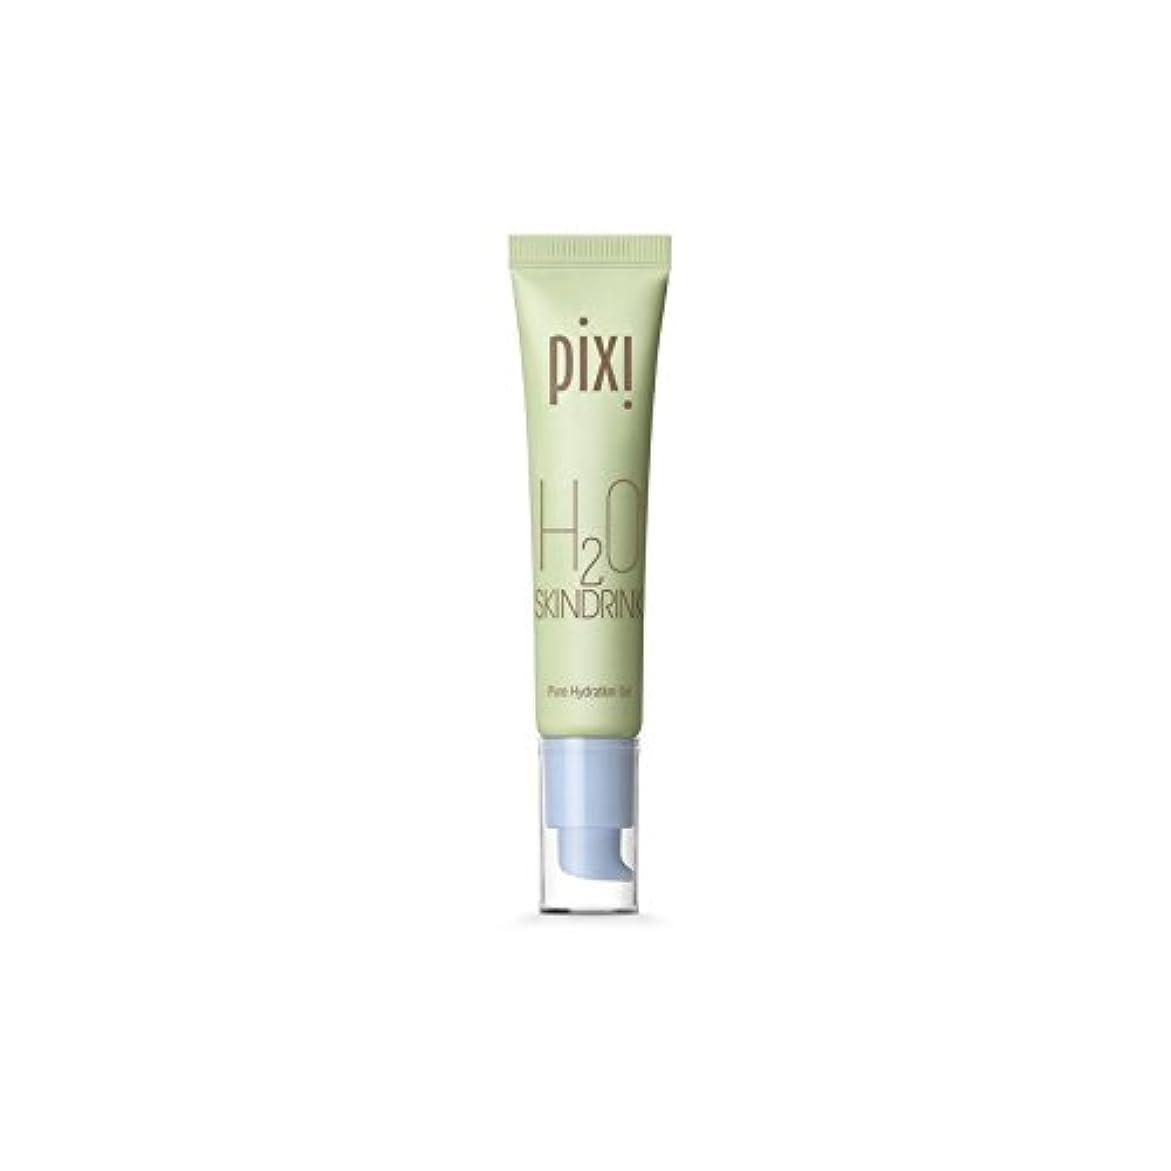 与える要塞抽選20スキンドリンク x4 - Pixi H20 Skin Drink (Pack of 4) [並行輸入品]